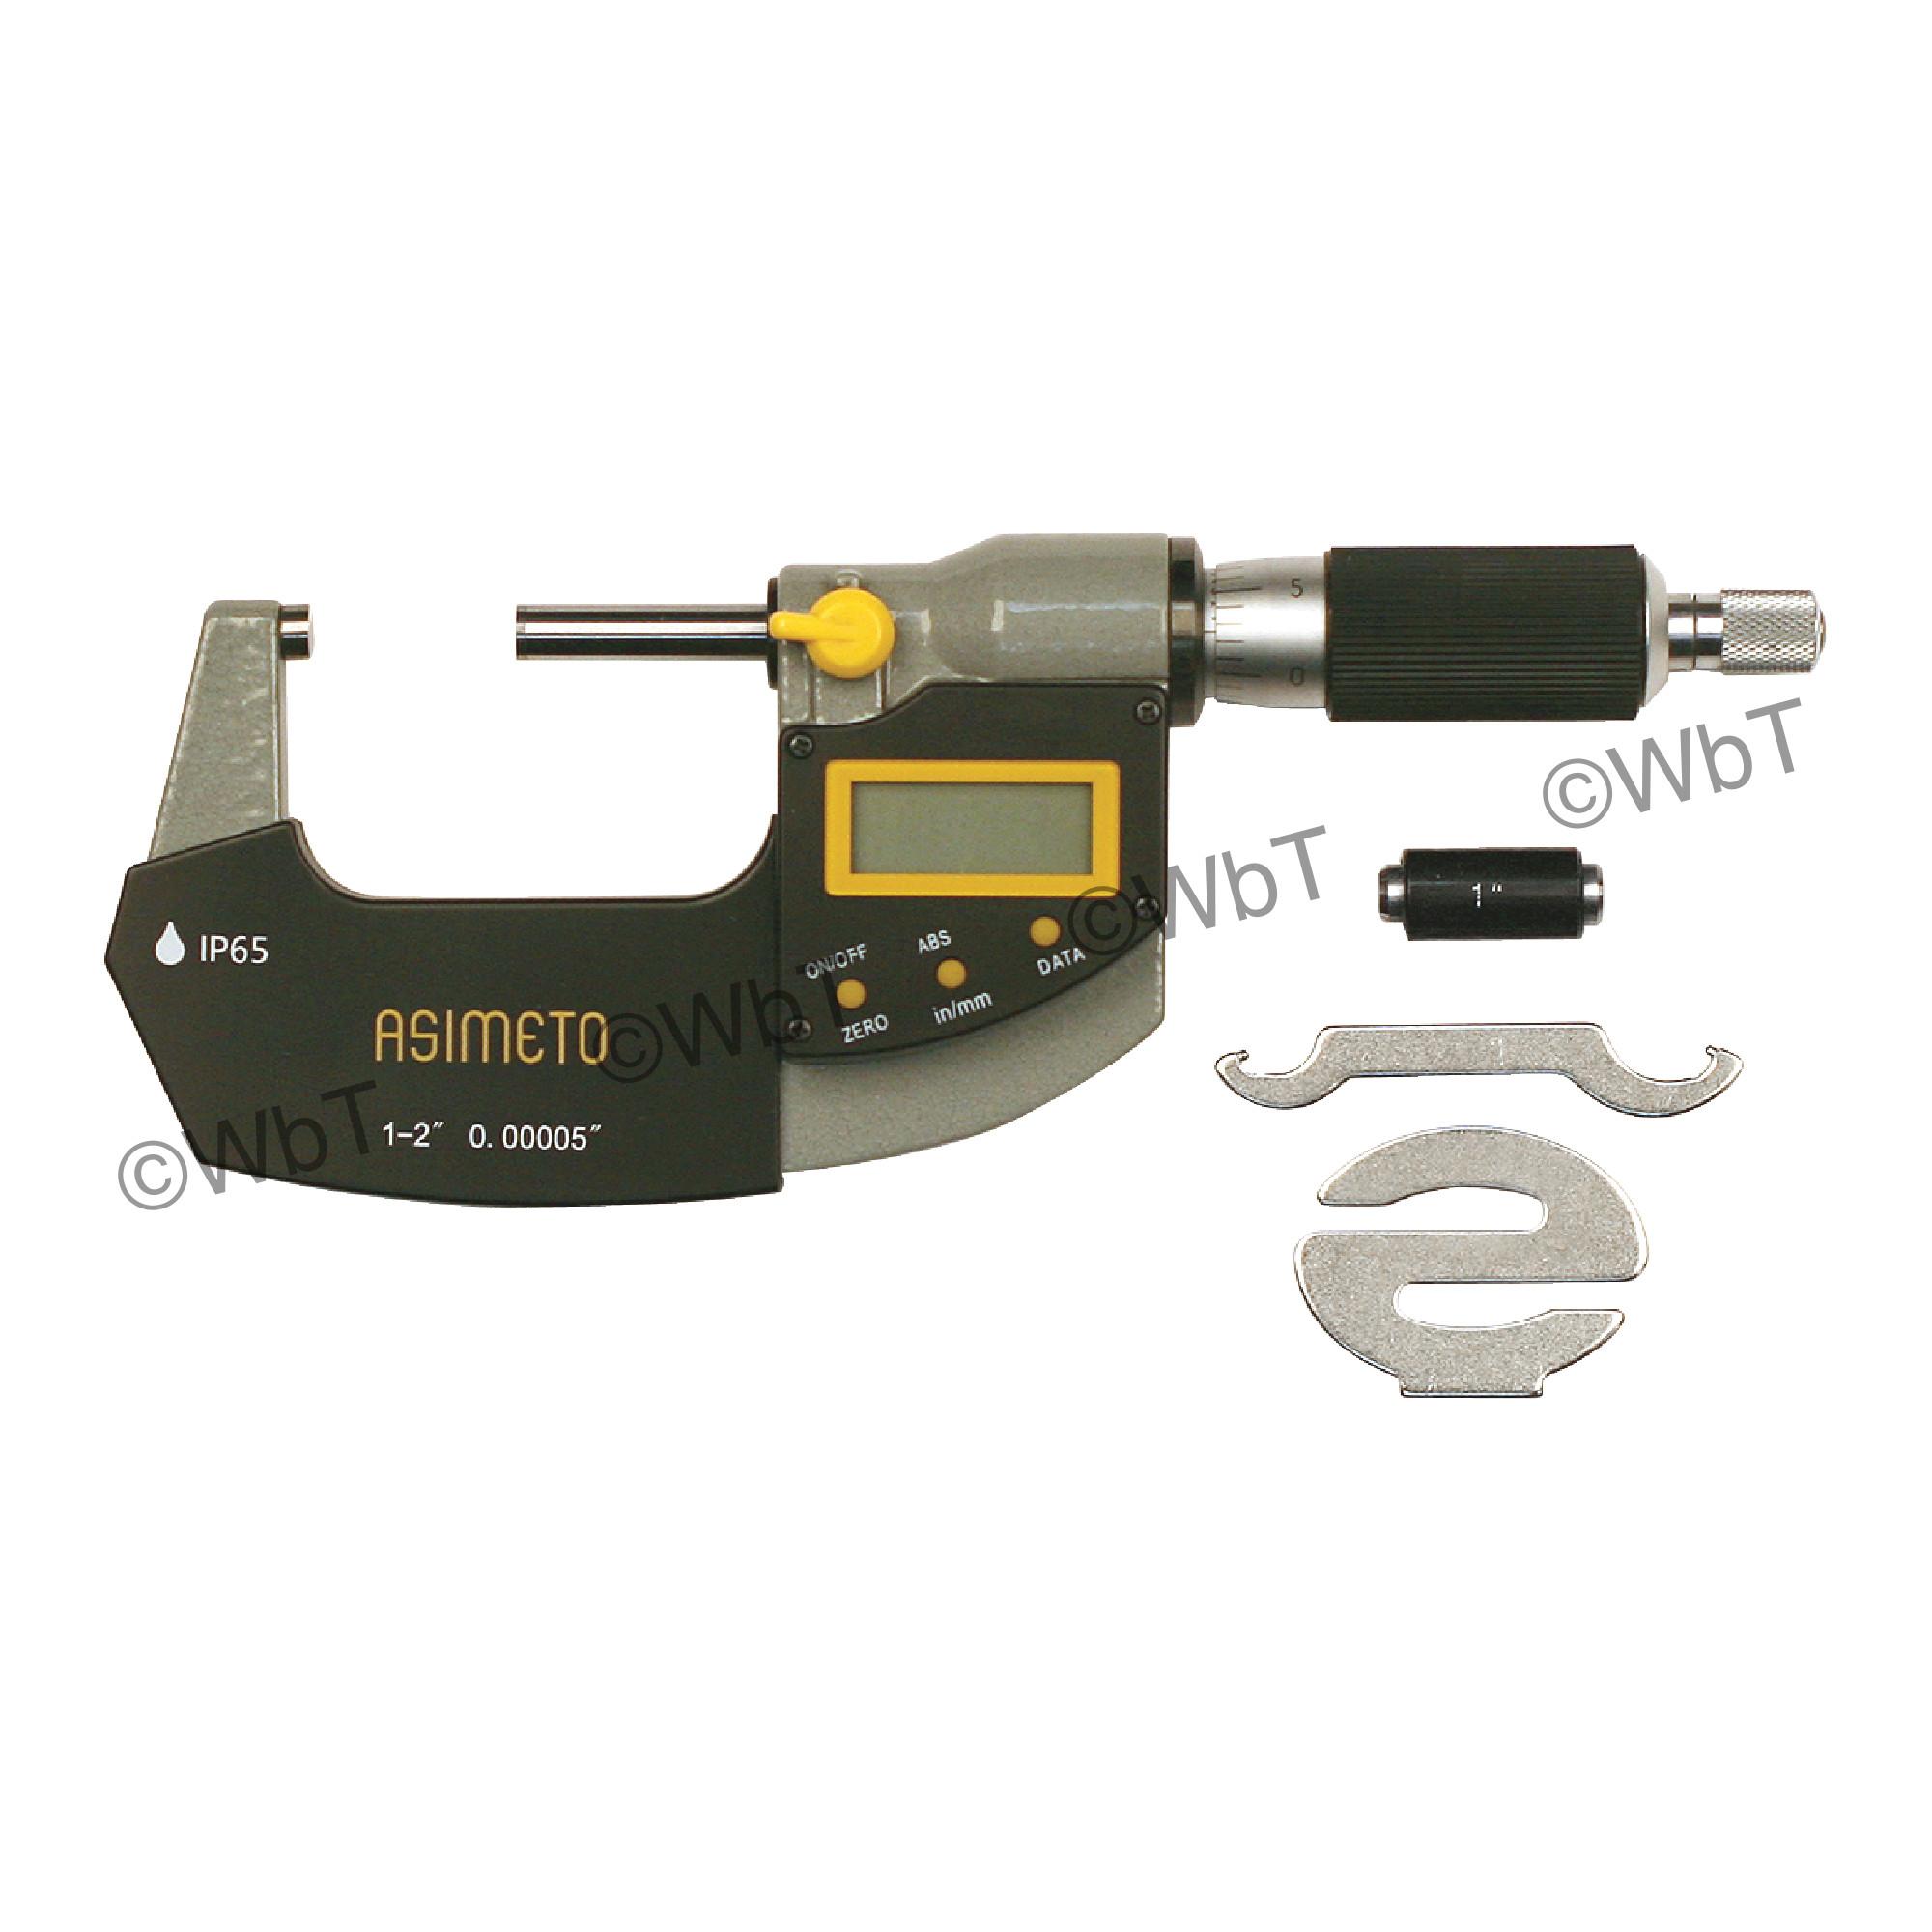 """1-2"""" IP65 Digital Outside Micrometer"""